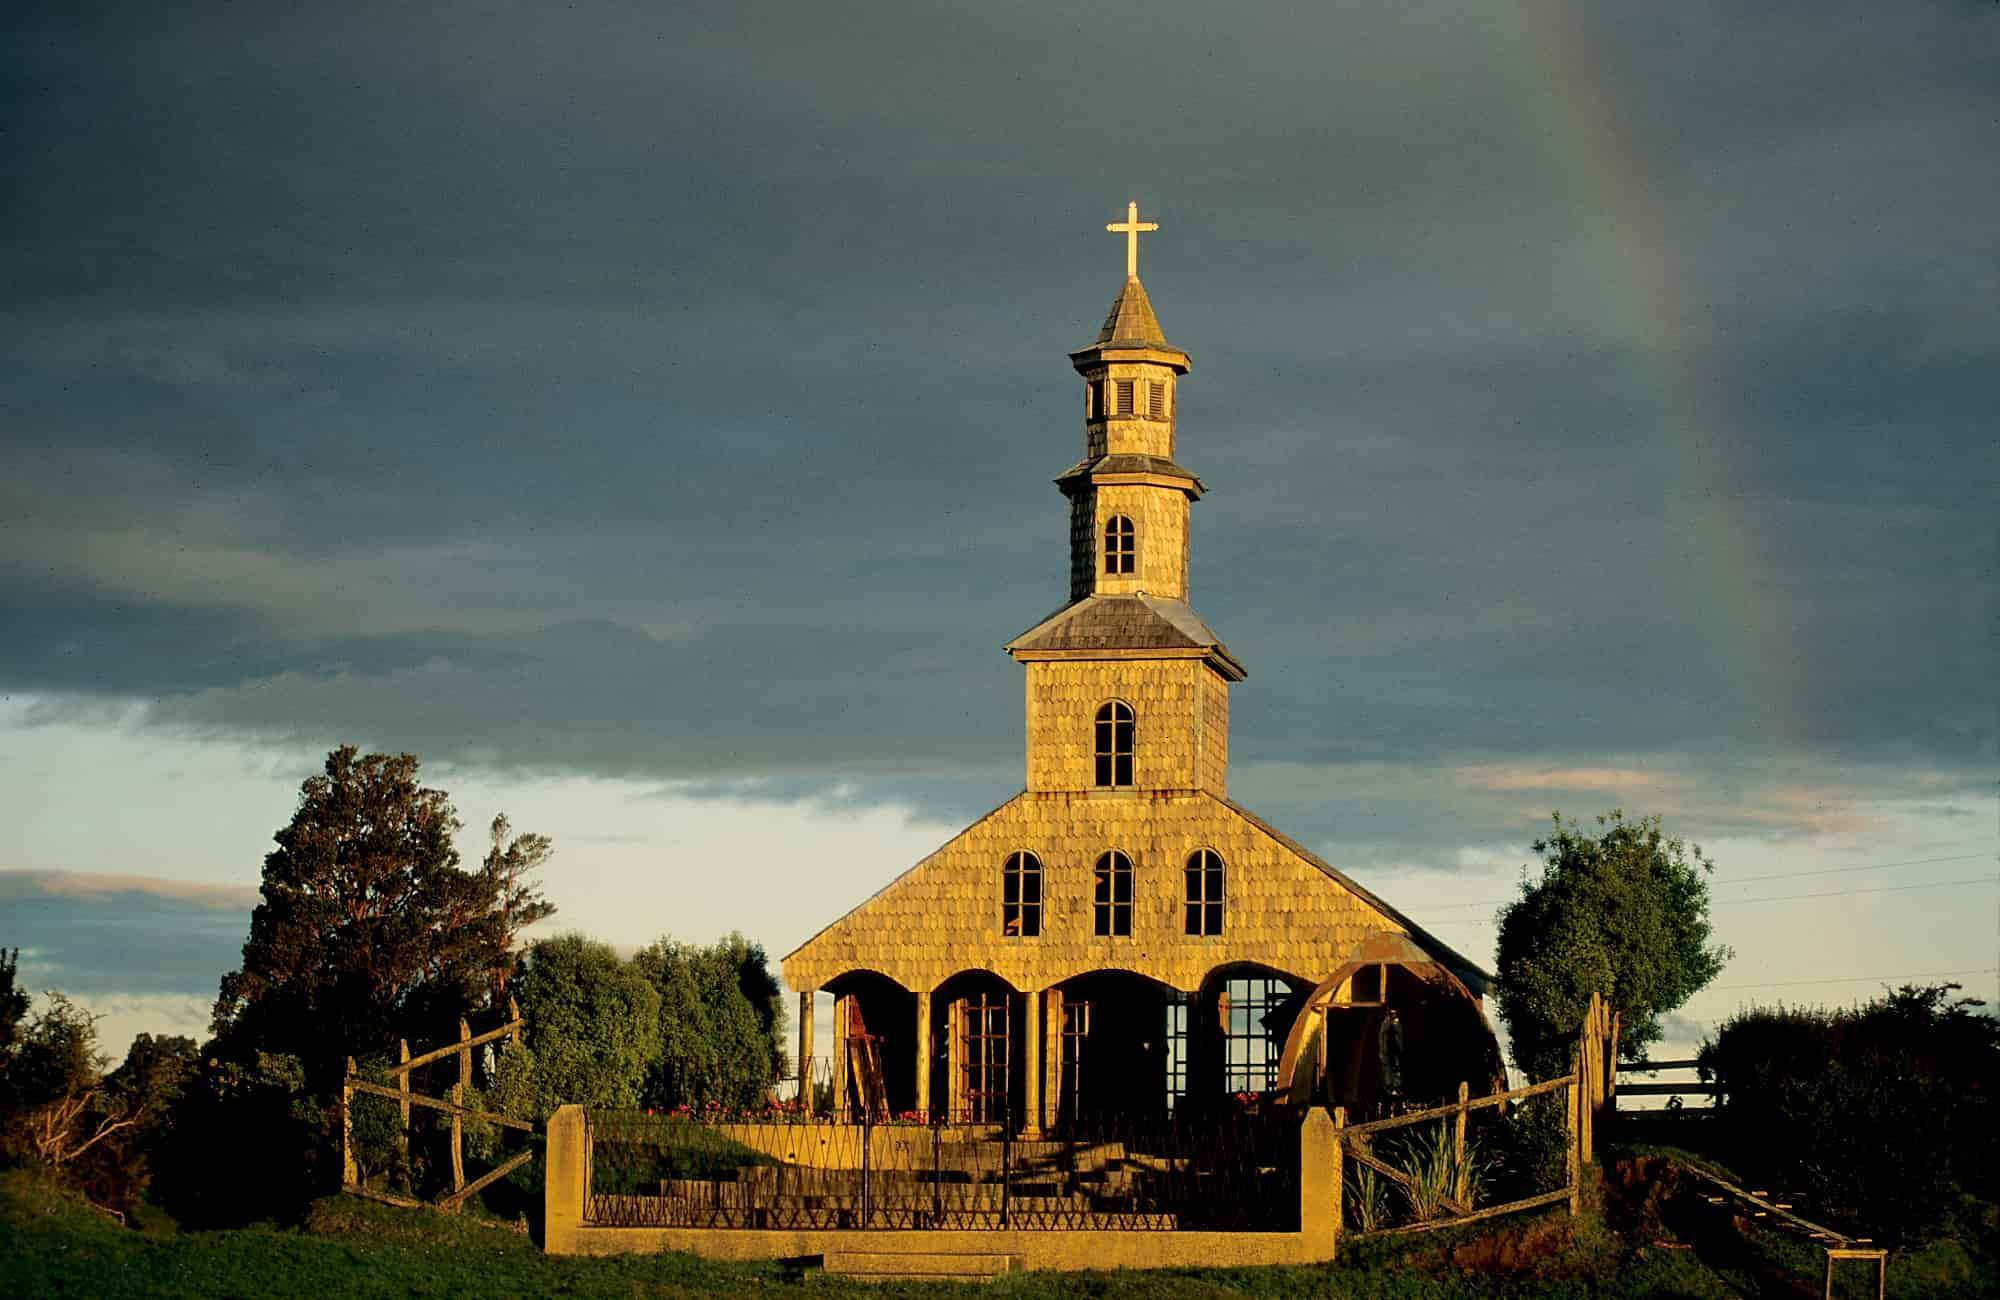 Voyage Chiloé - Eglise chilote - Amplitudes